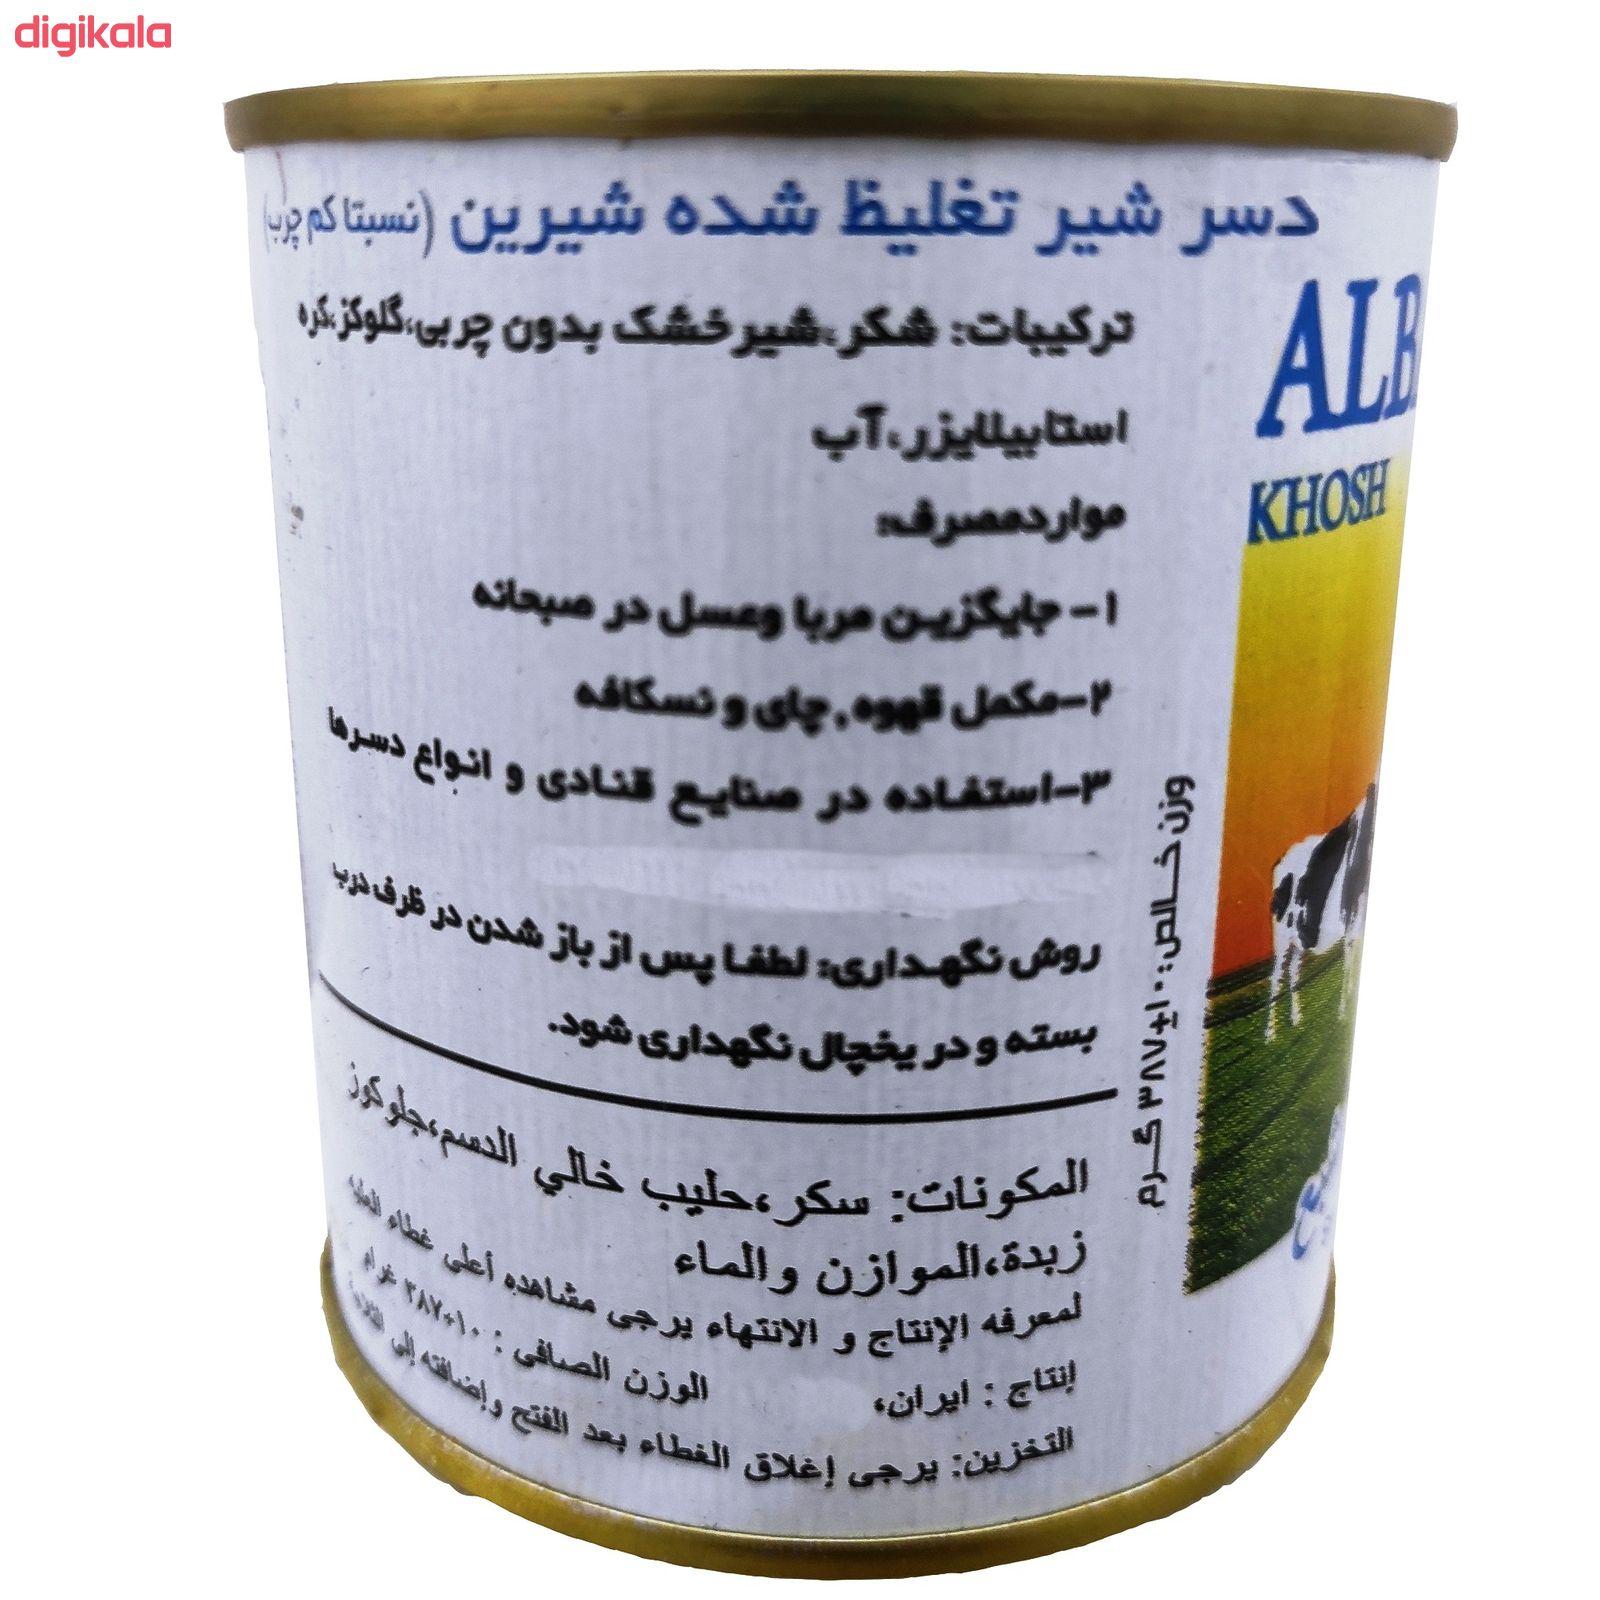 دسر شیر تغلیظ شده شیرین البحر - 387 گرم main 1 3